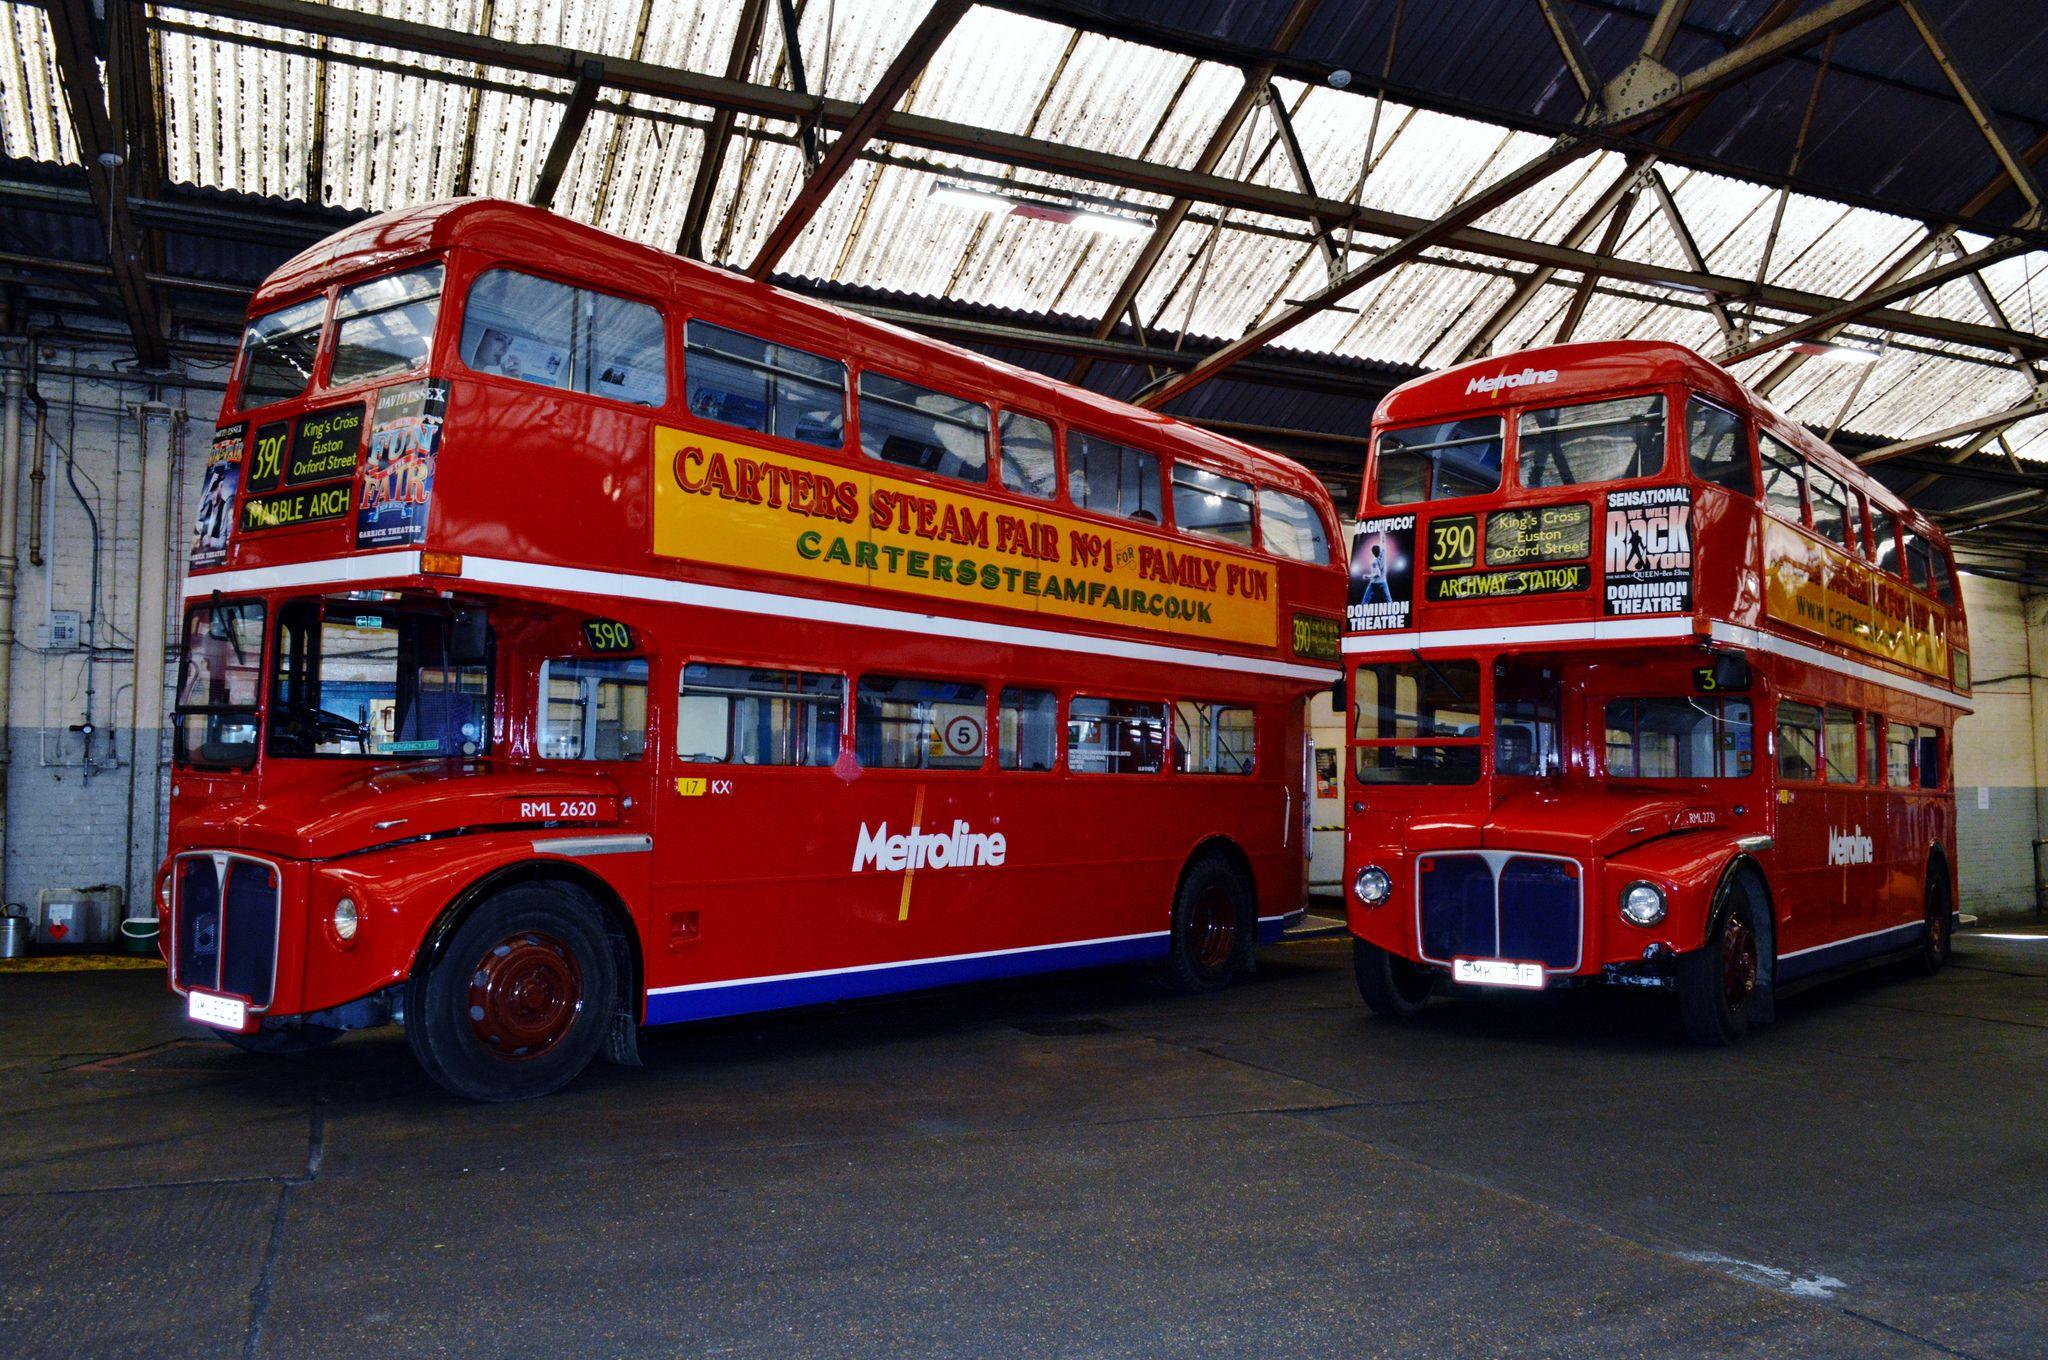 Metroline Routemaster London Bus Routemaster Bus